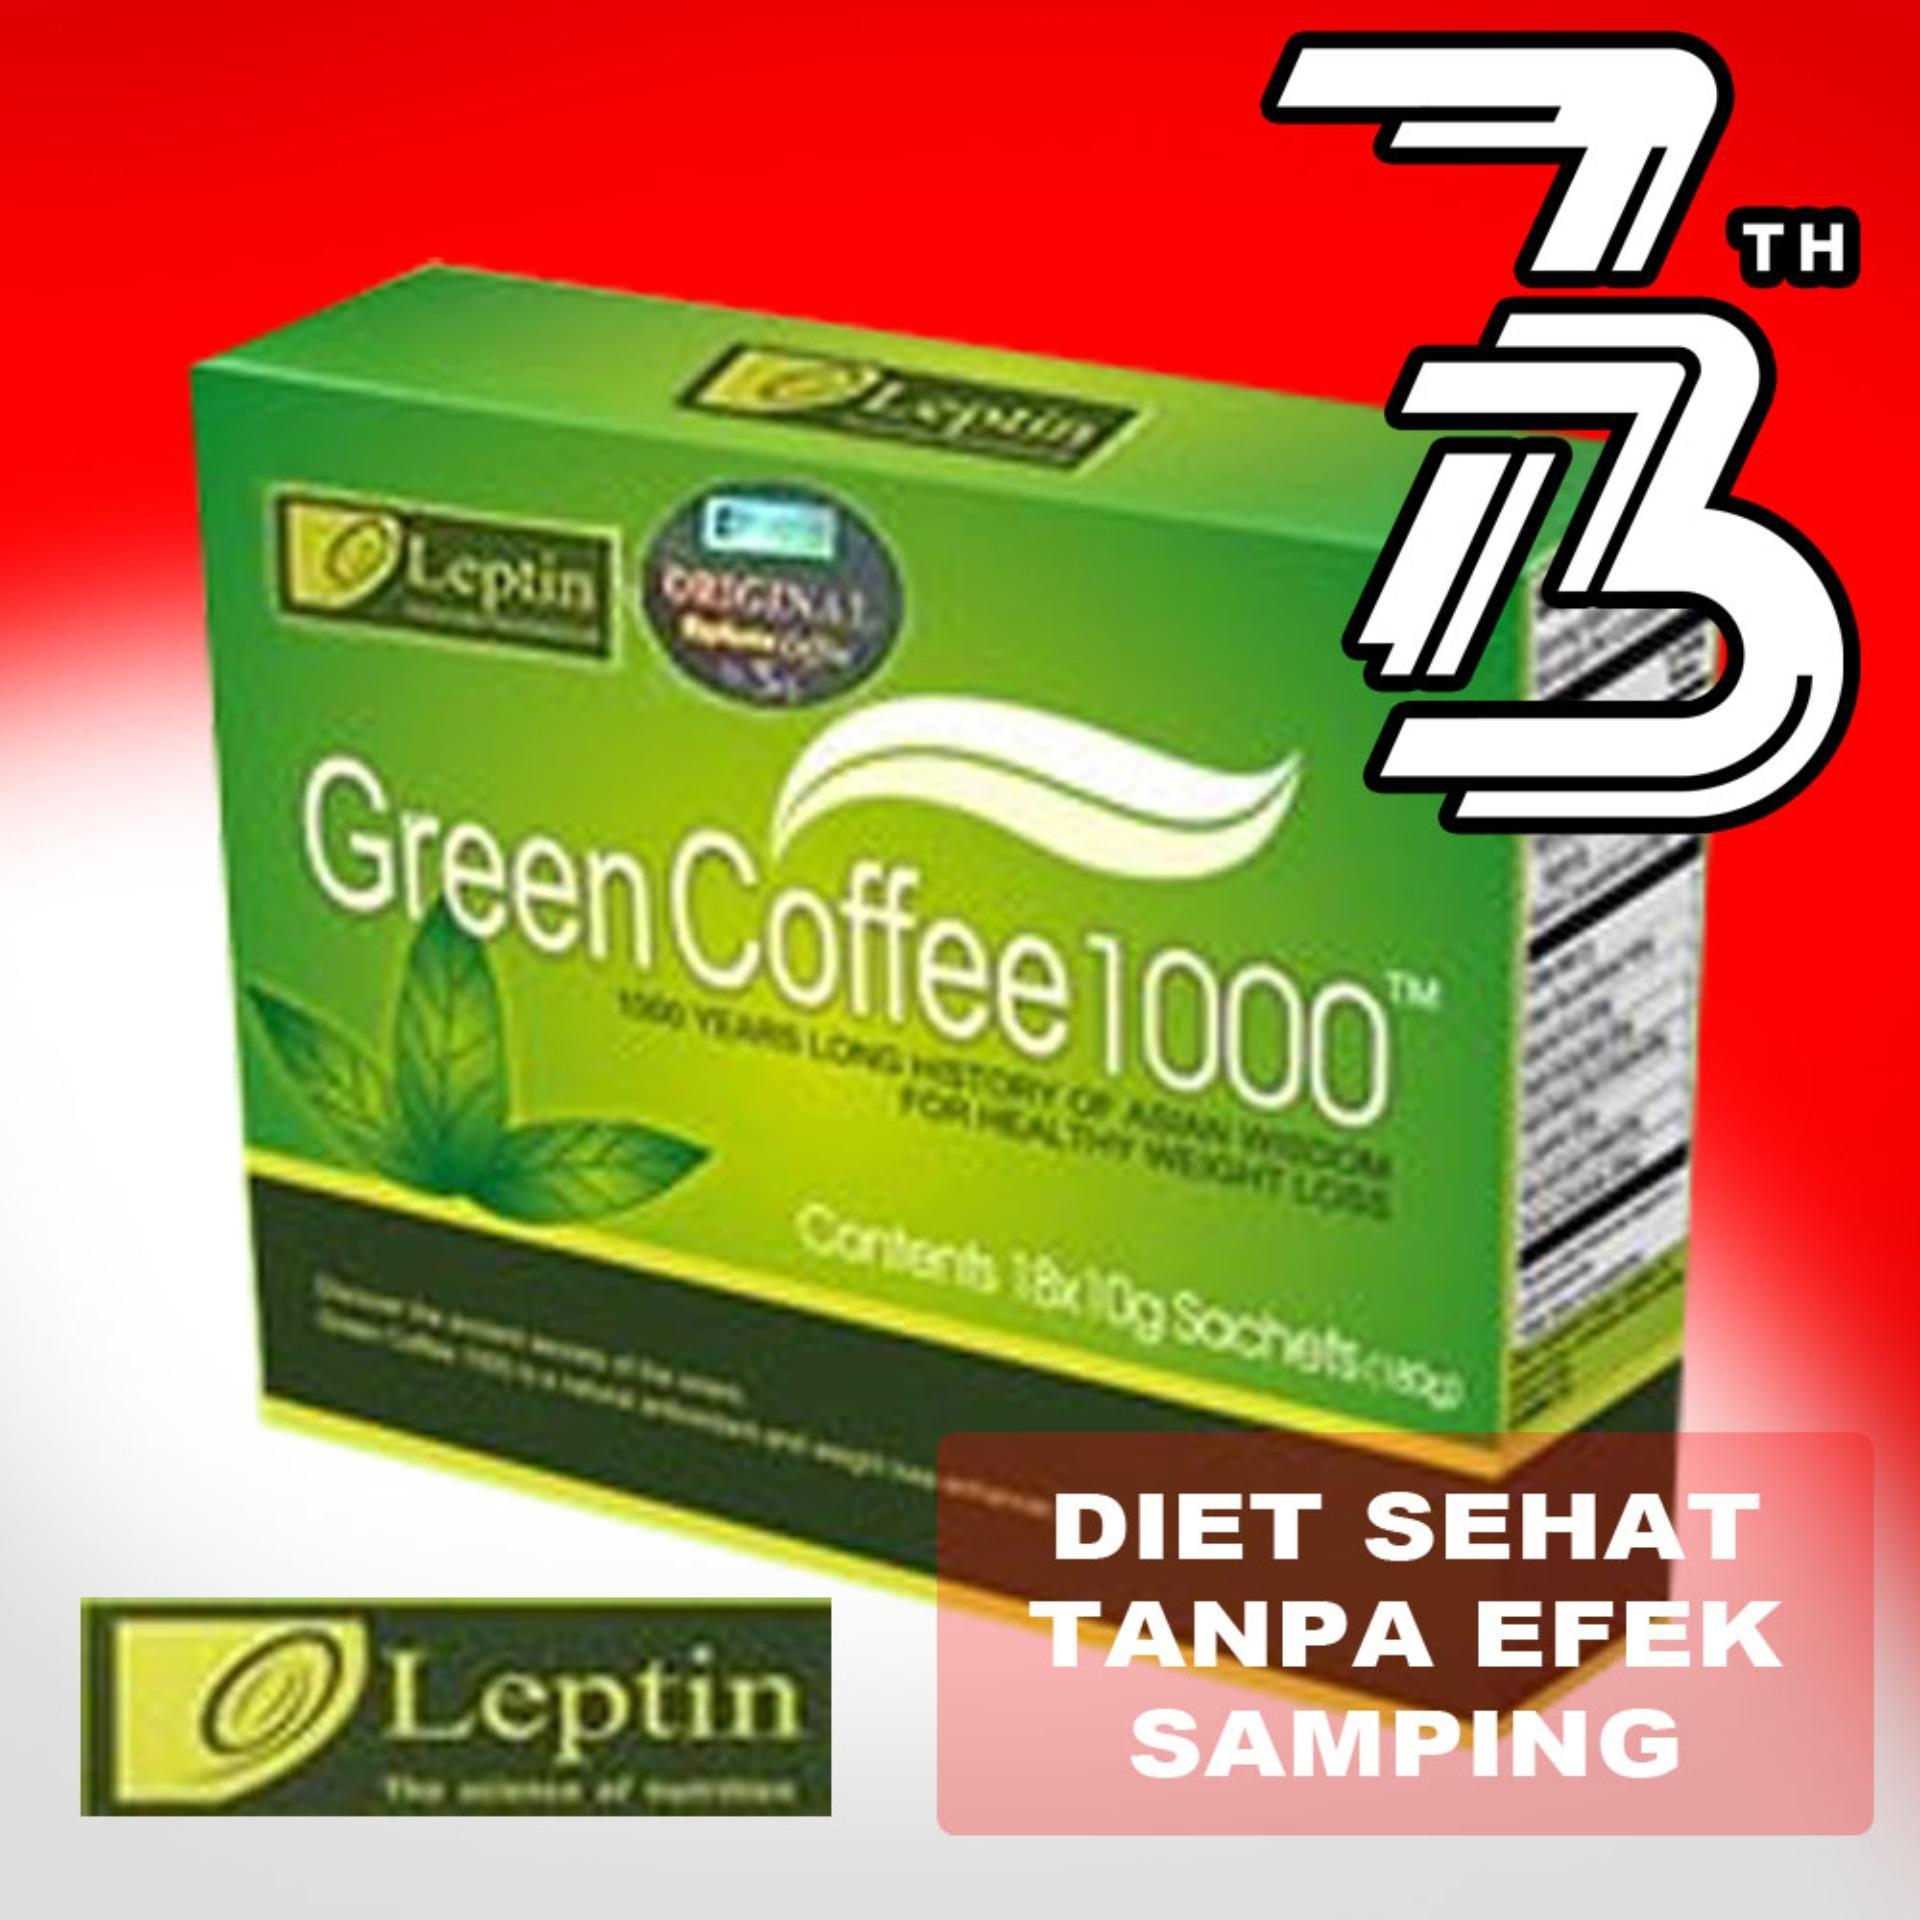 Pengatur Berat Badan Alami Everlean Slimming Capsule Herbal Pengurang Nafsu Makan